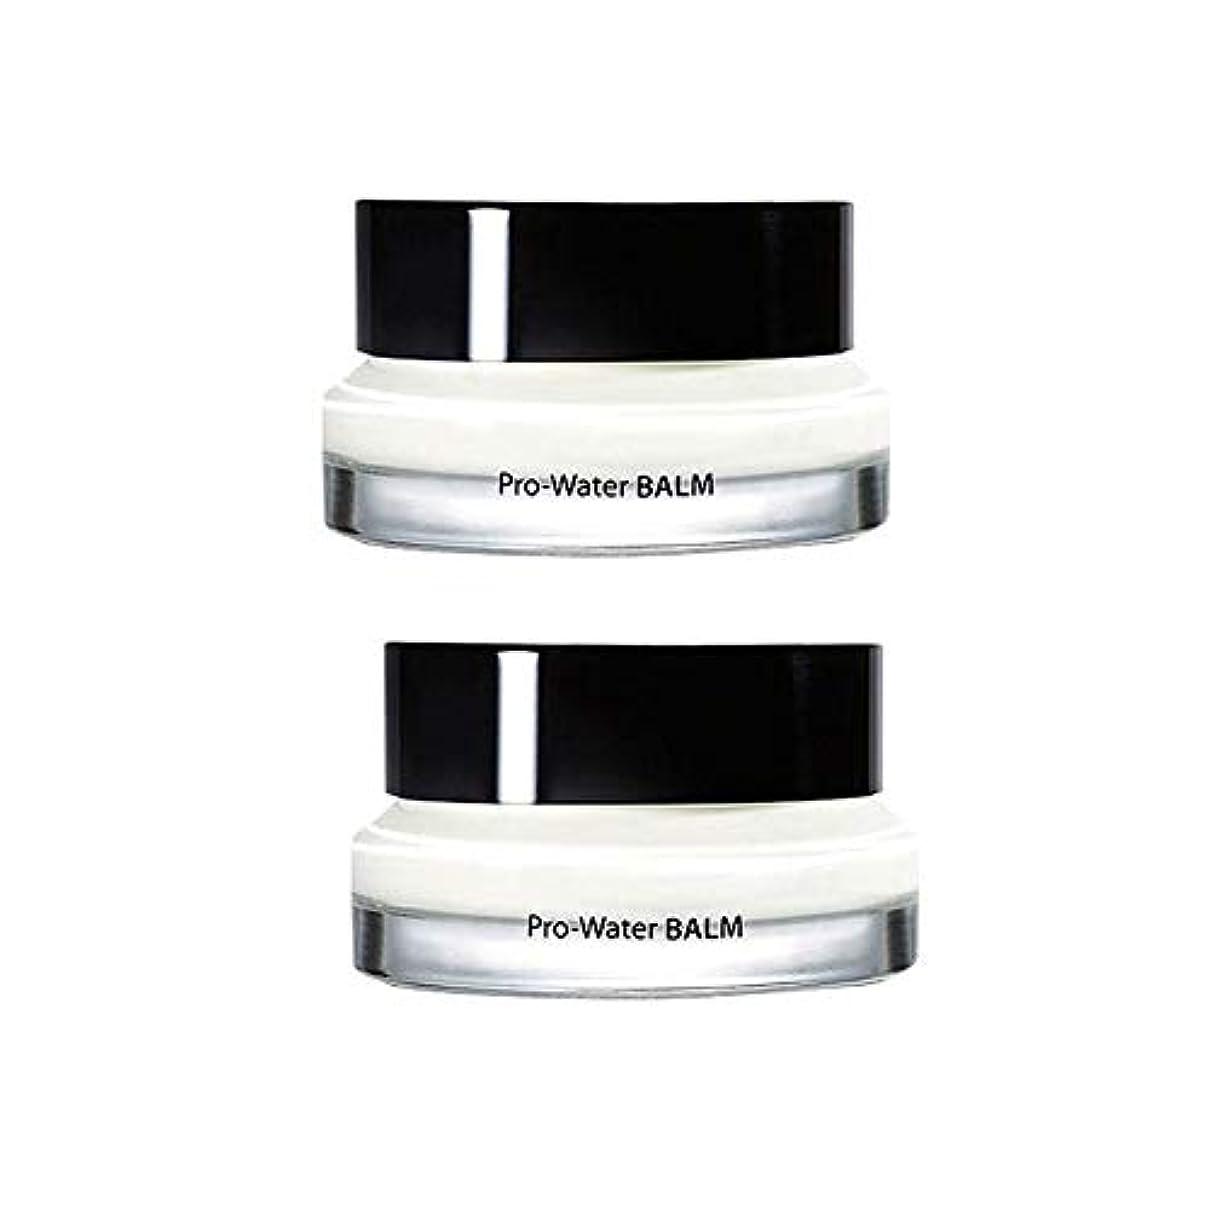 展開する起こる甥ルナプロウォーターbalm 50mlx2本セット韓国コスメ、Luna Pro-Water Balm 50ml x 2ea Set Korean Cosmetics [並行輸入品]